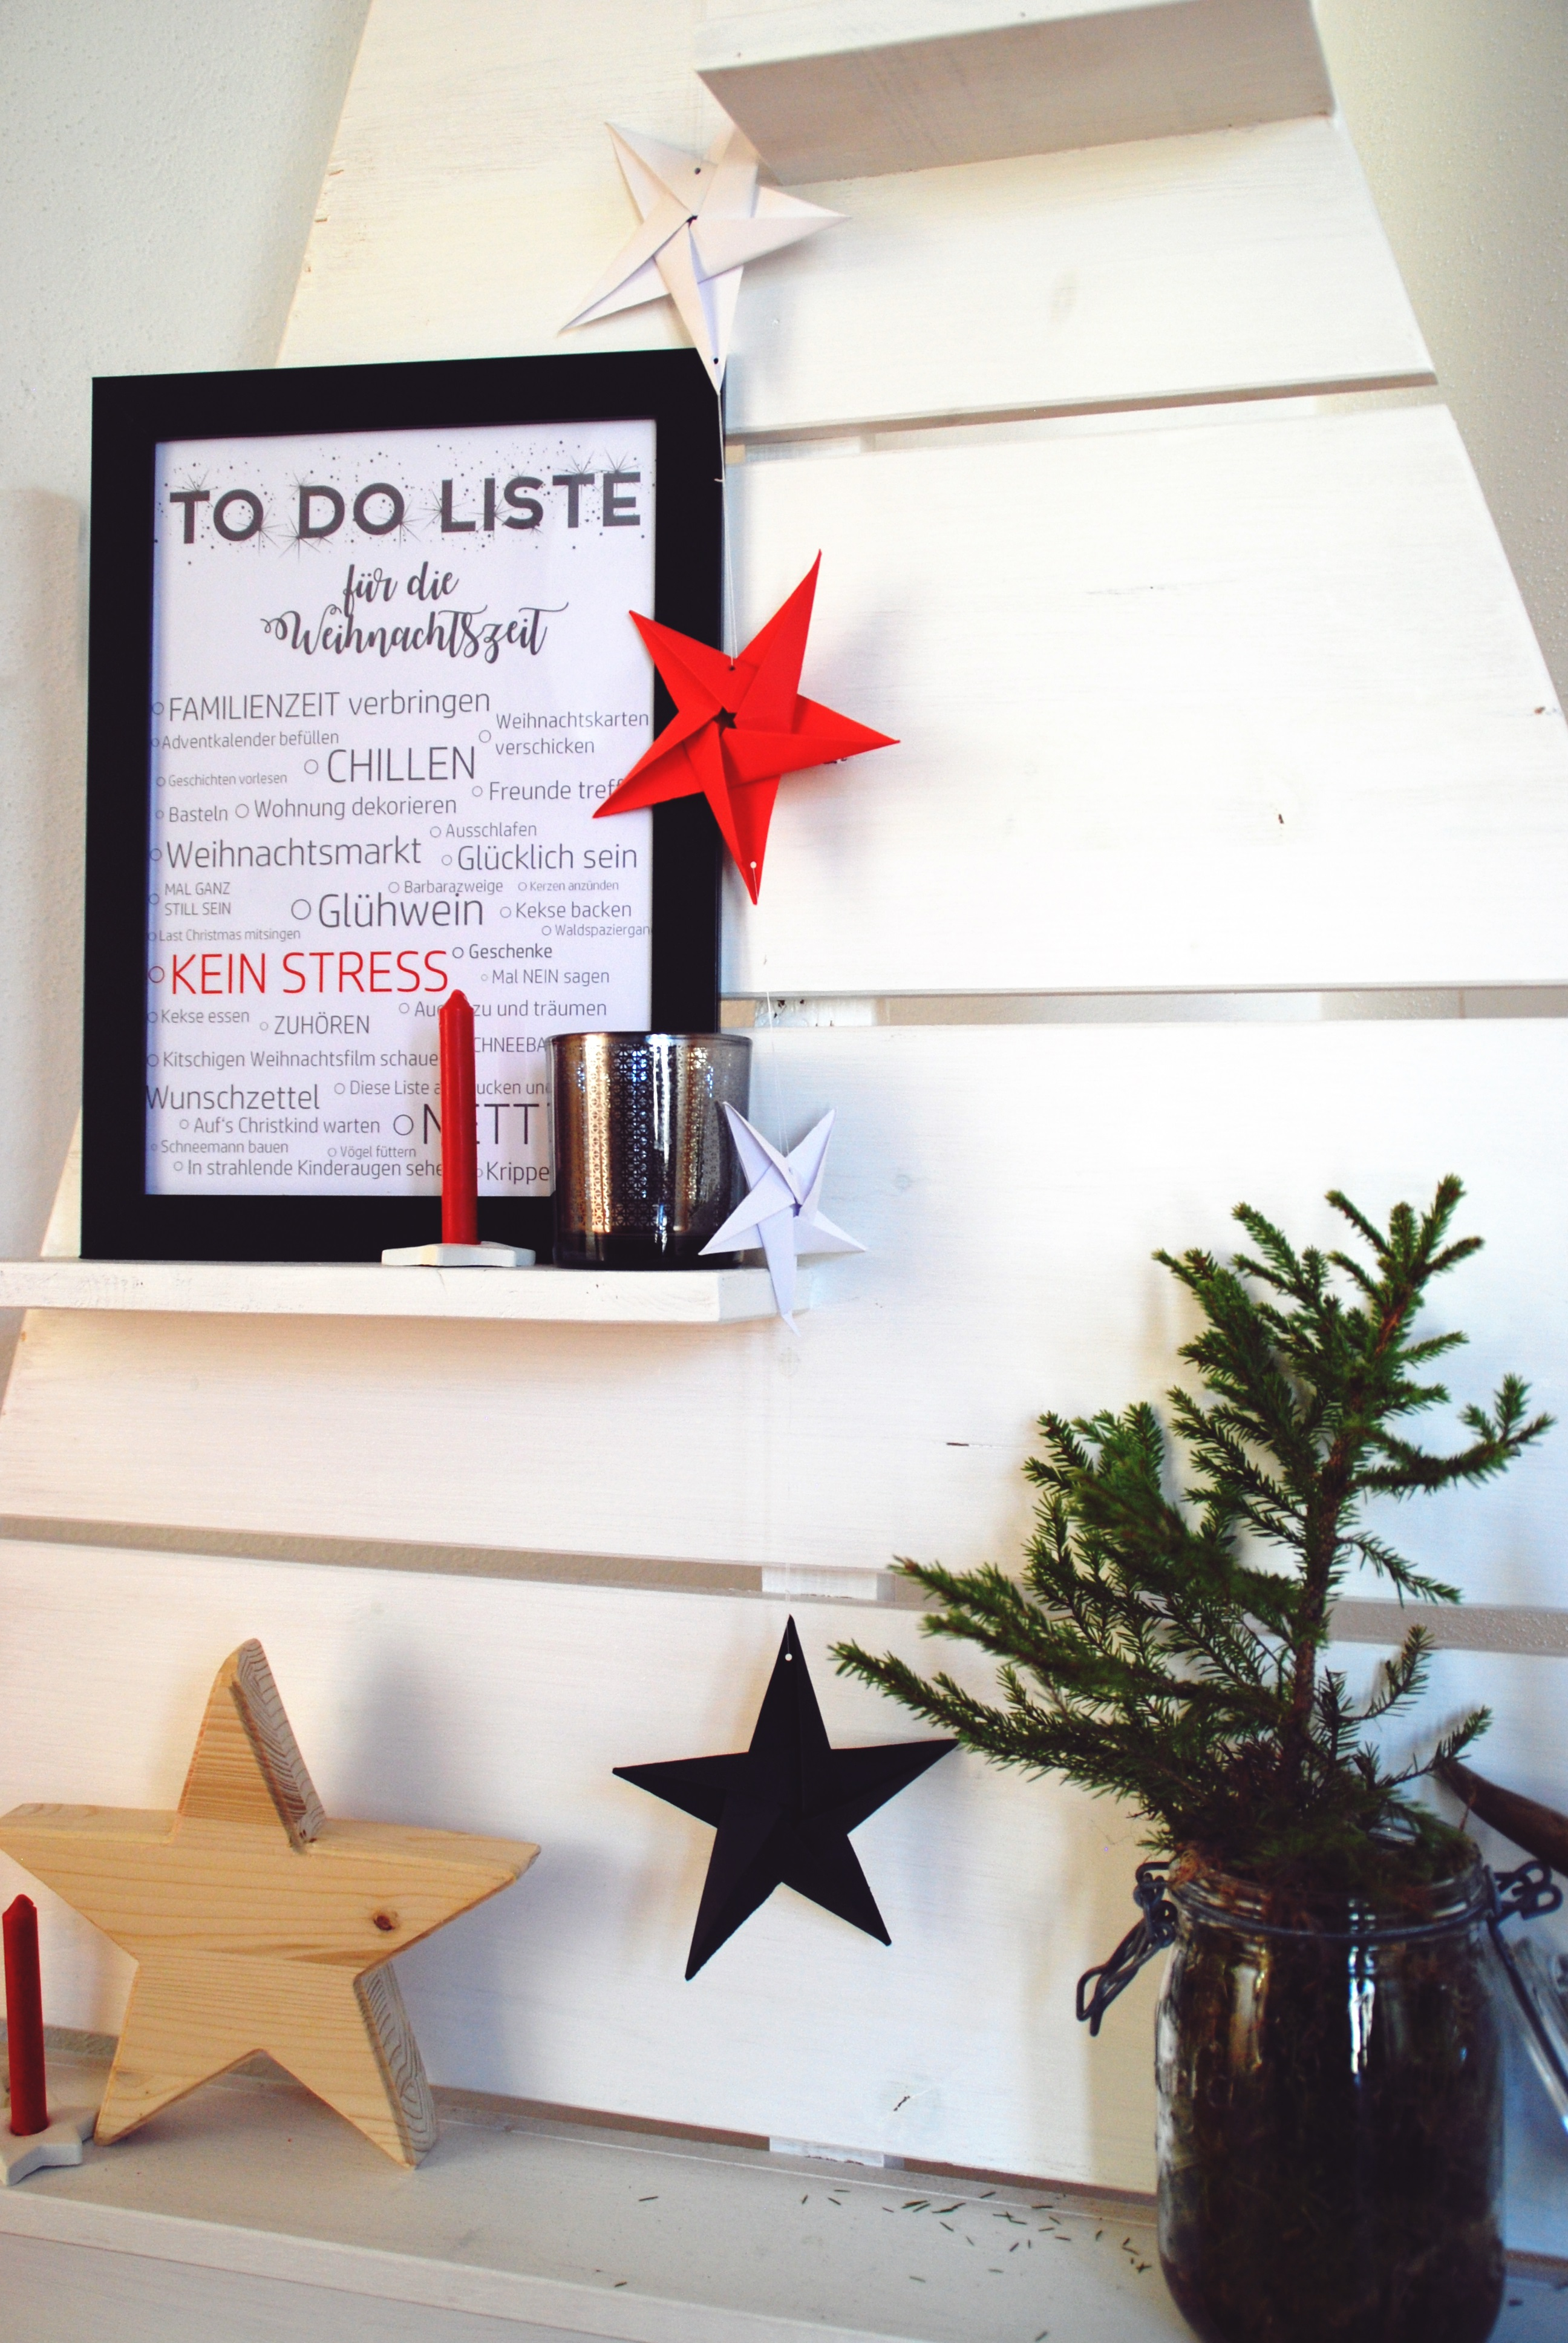 To-Do Liste Weihnachtszeit